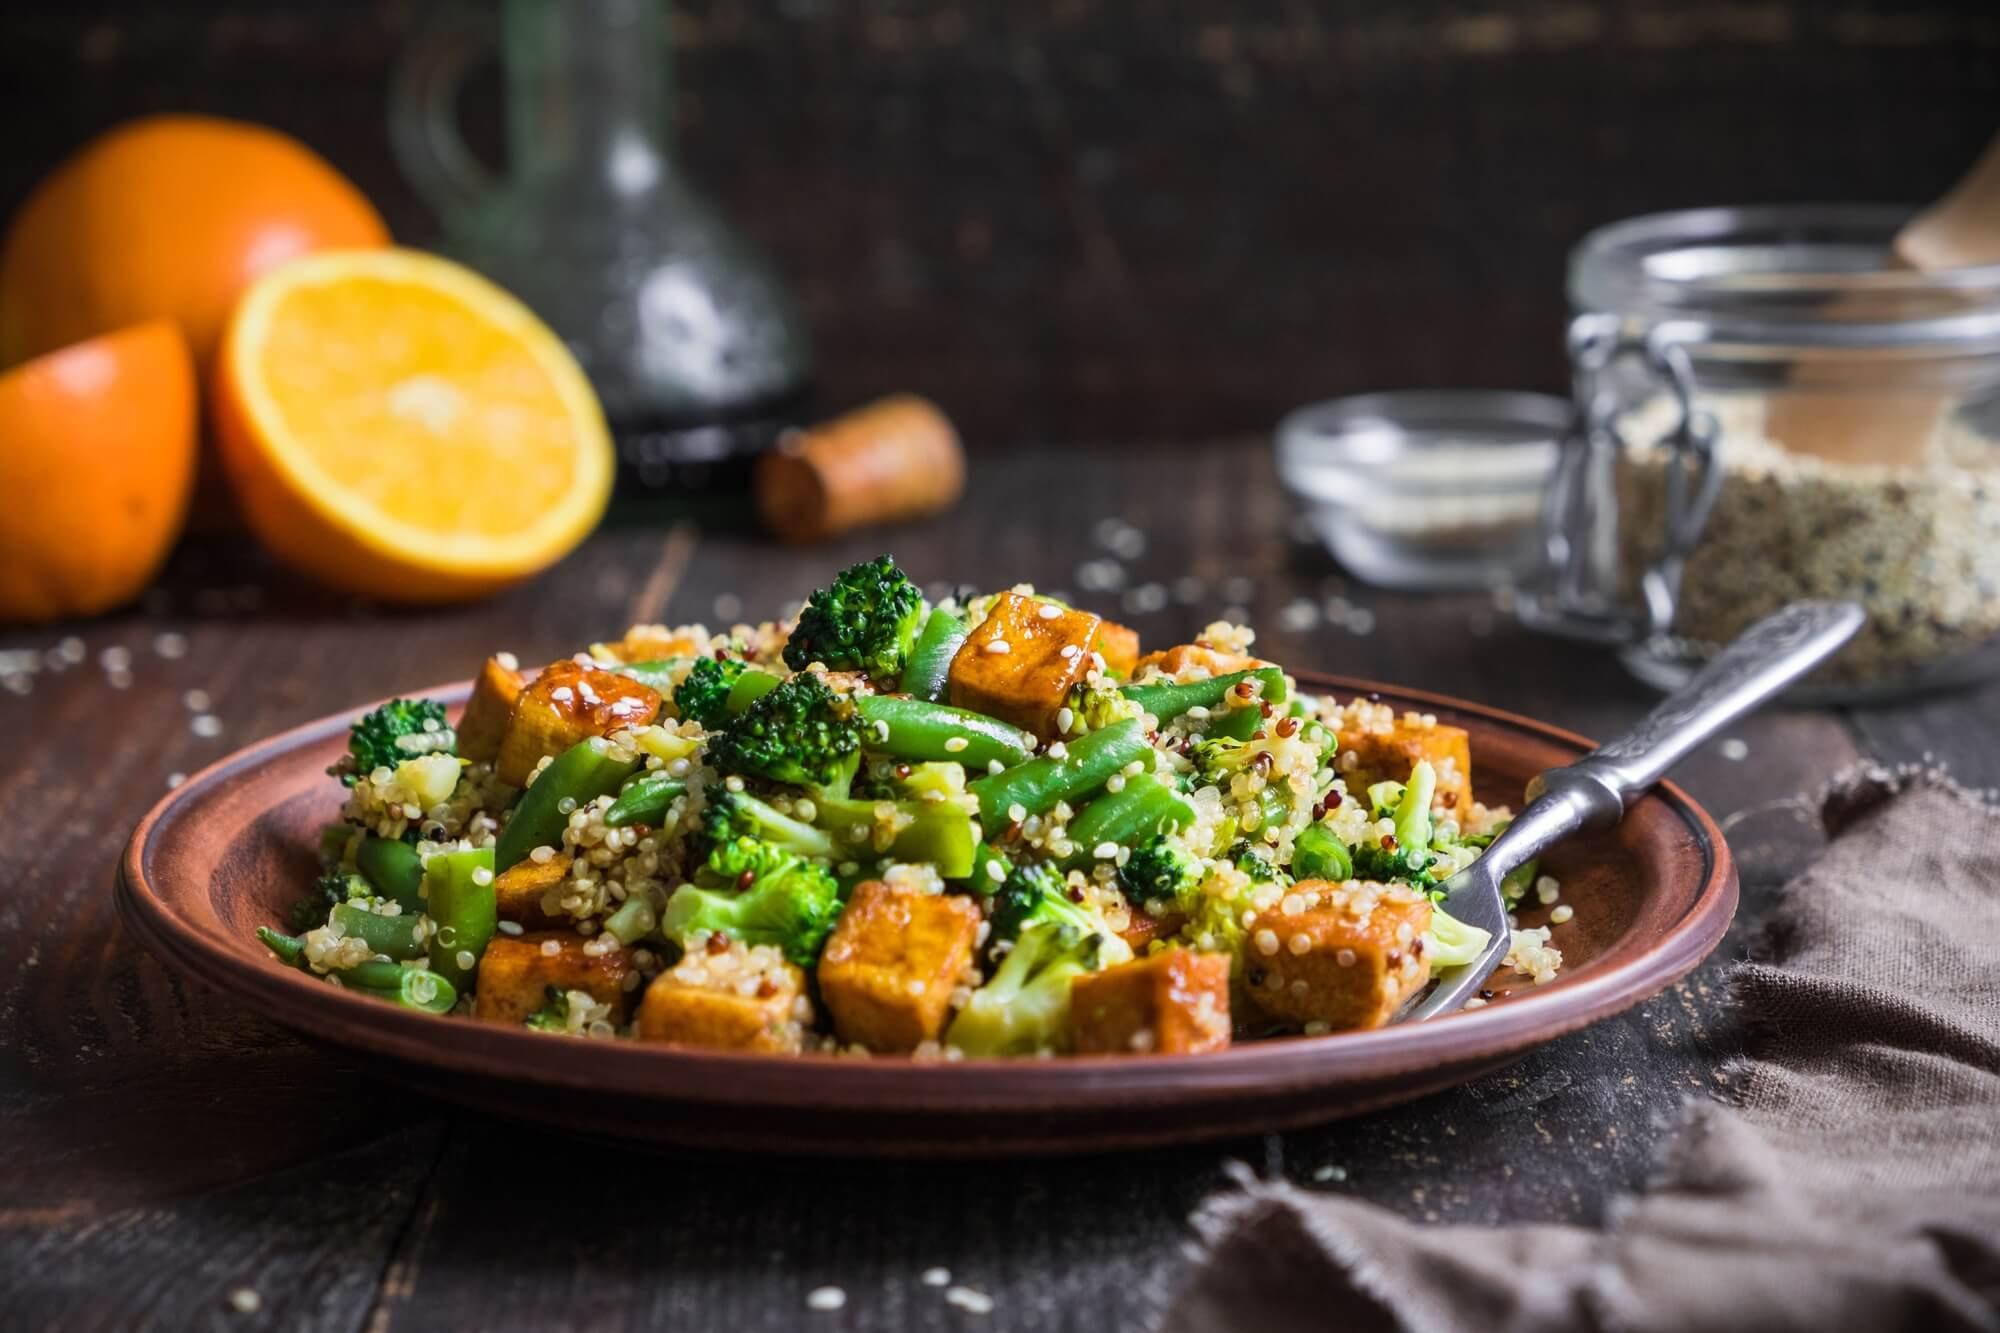 Ensalada de Tofu con Salsa de Almendras y Semillas de Cáñamo